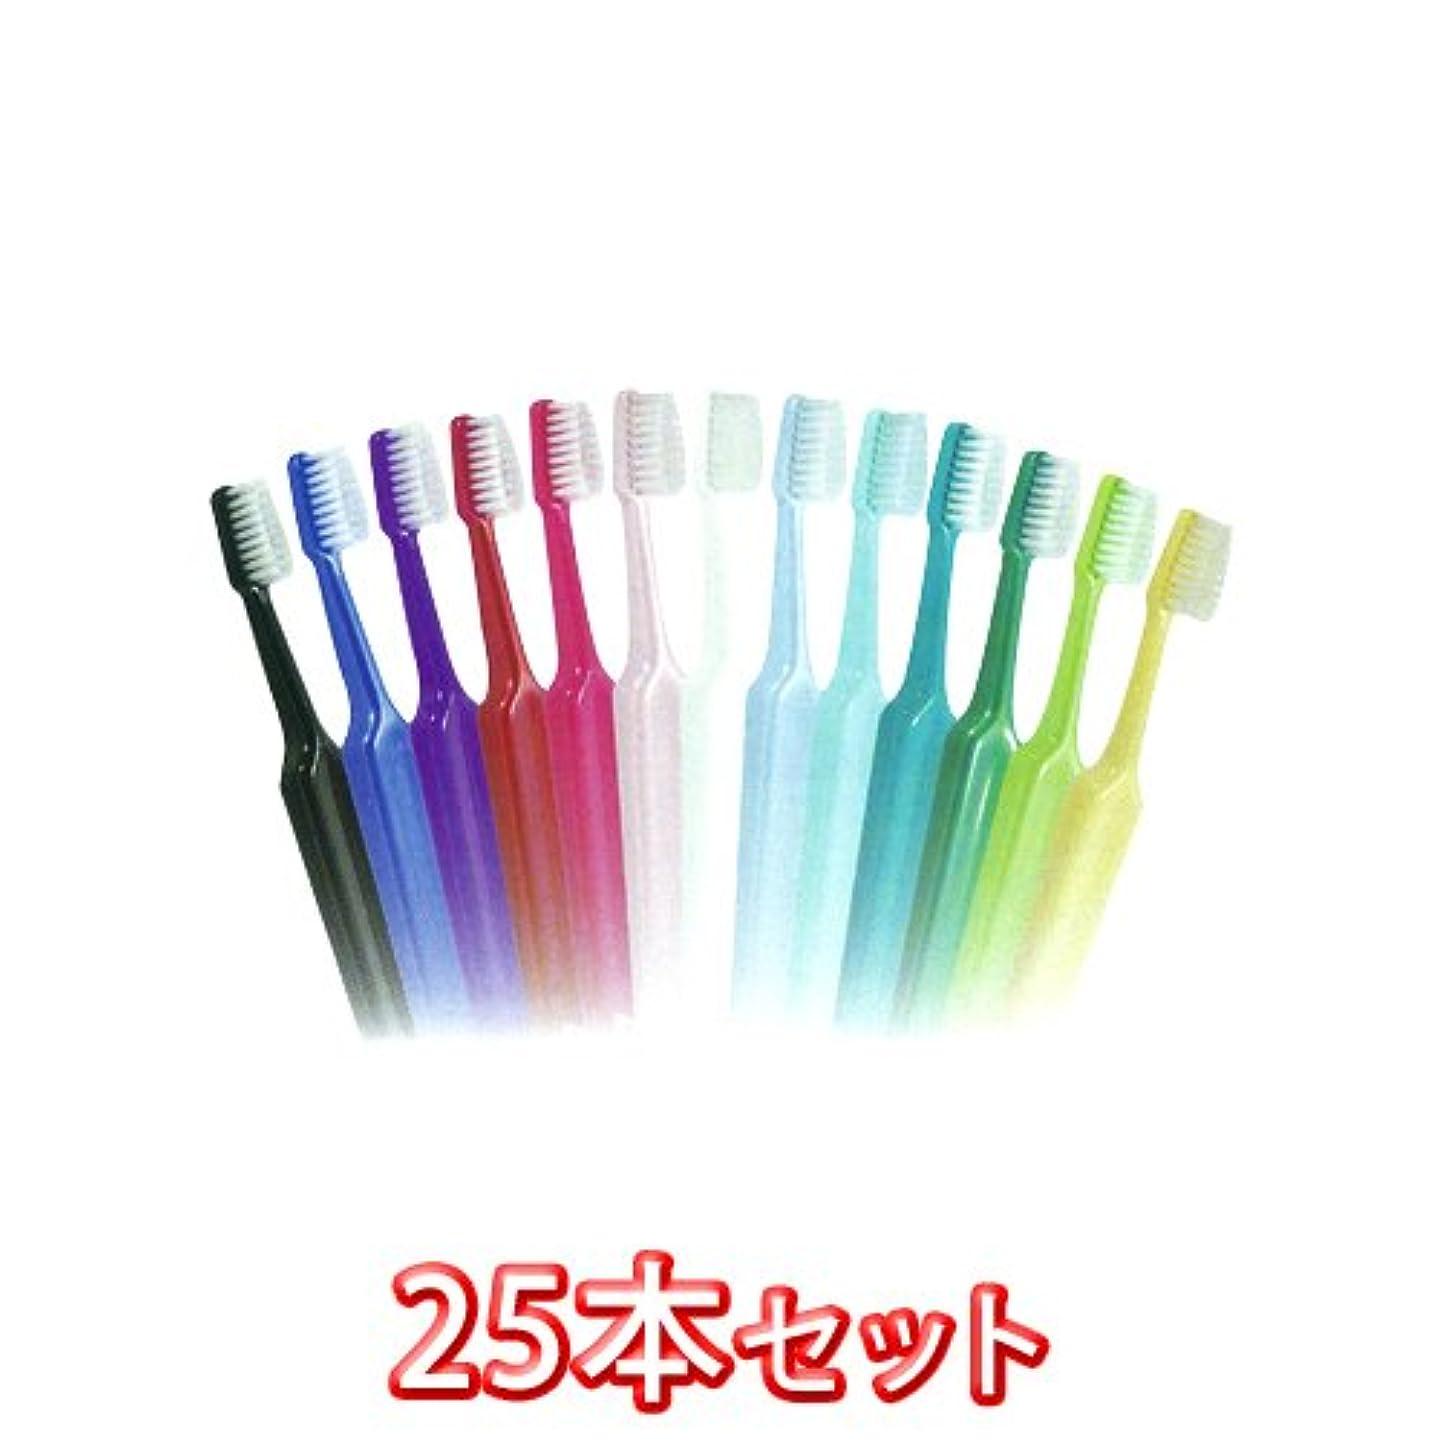 市の中心部通り抜ける舌なTePeテペセレクトコンパクト歯ブラシ 25本(コンパクトソフト)